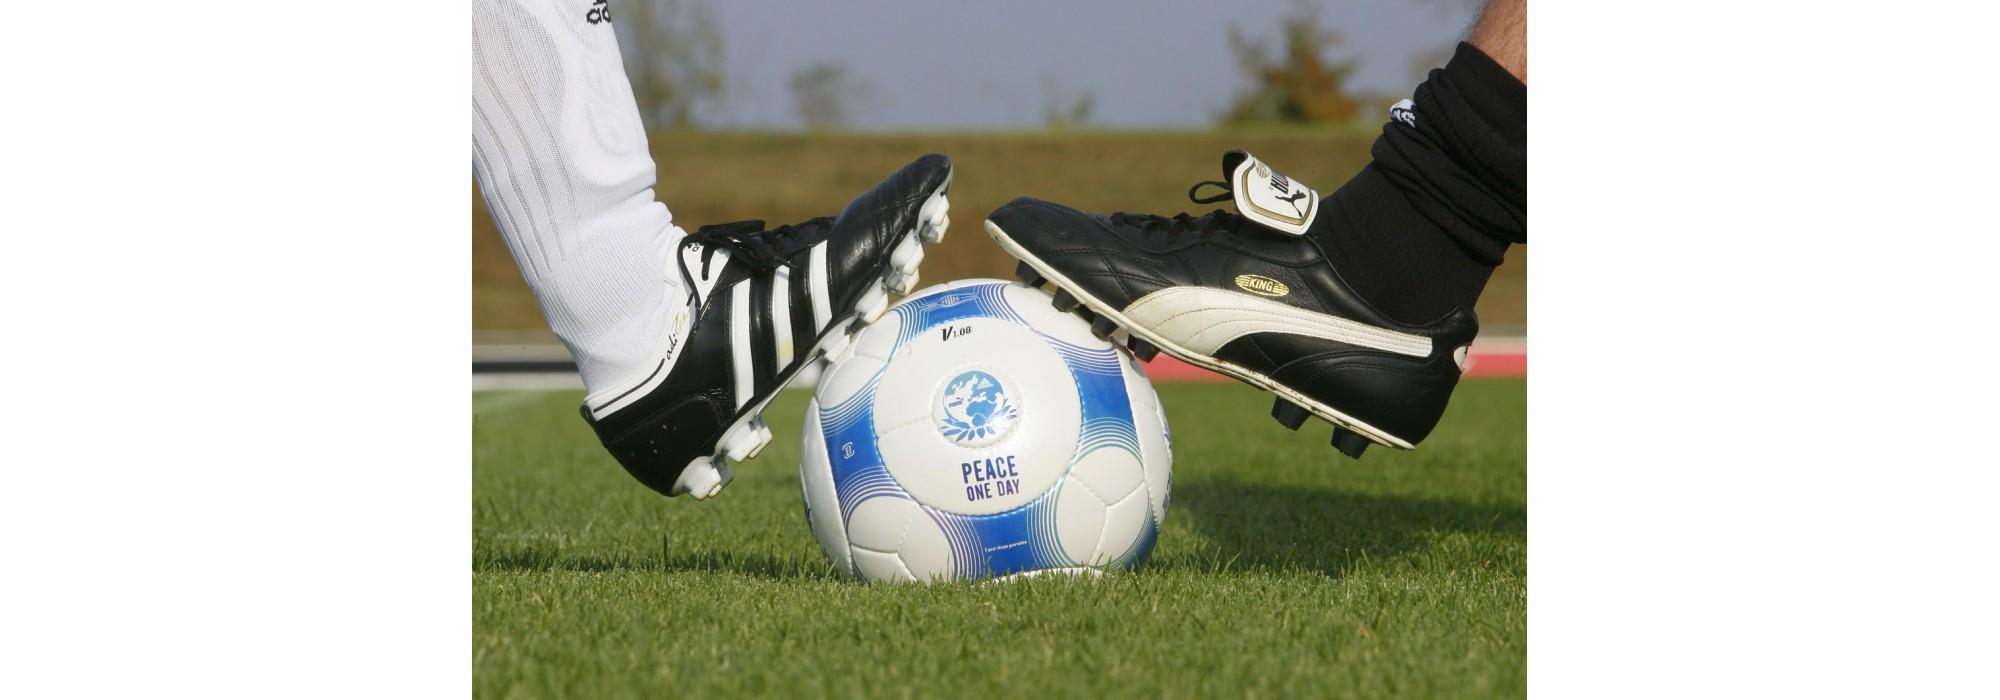 Иерархия футбольных клубов у брендов